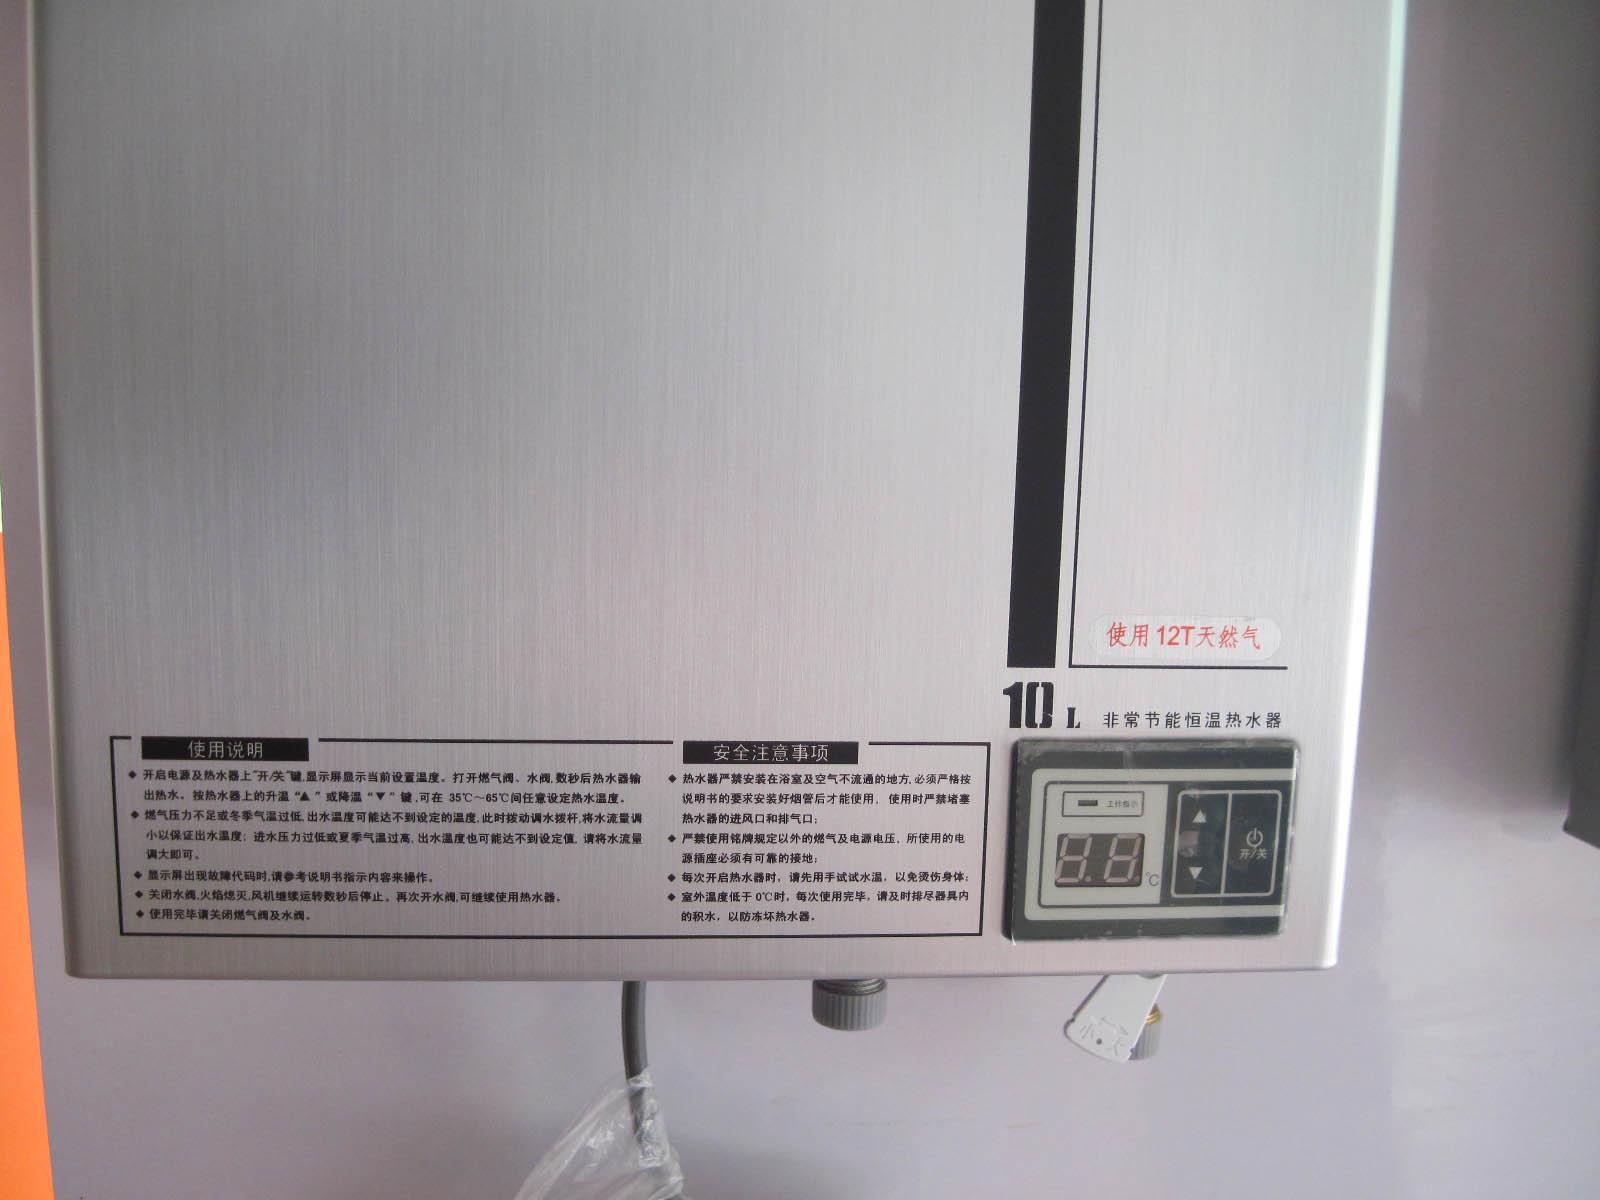 万和燃气热水器的产品系列图片